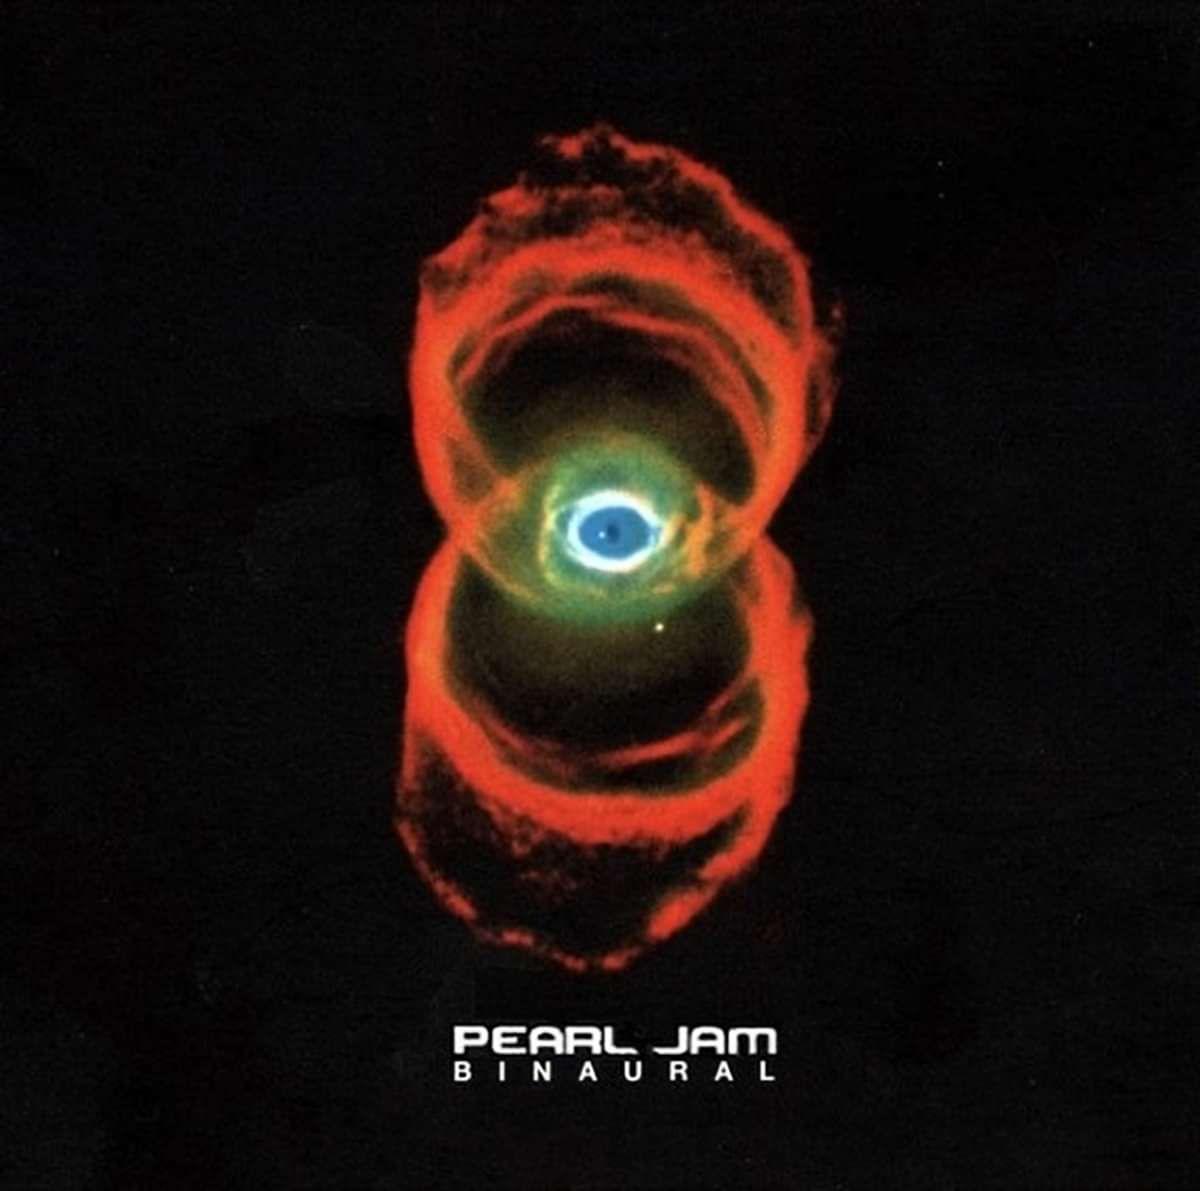 Binaural – Double Vinyl - Pearl Jam